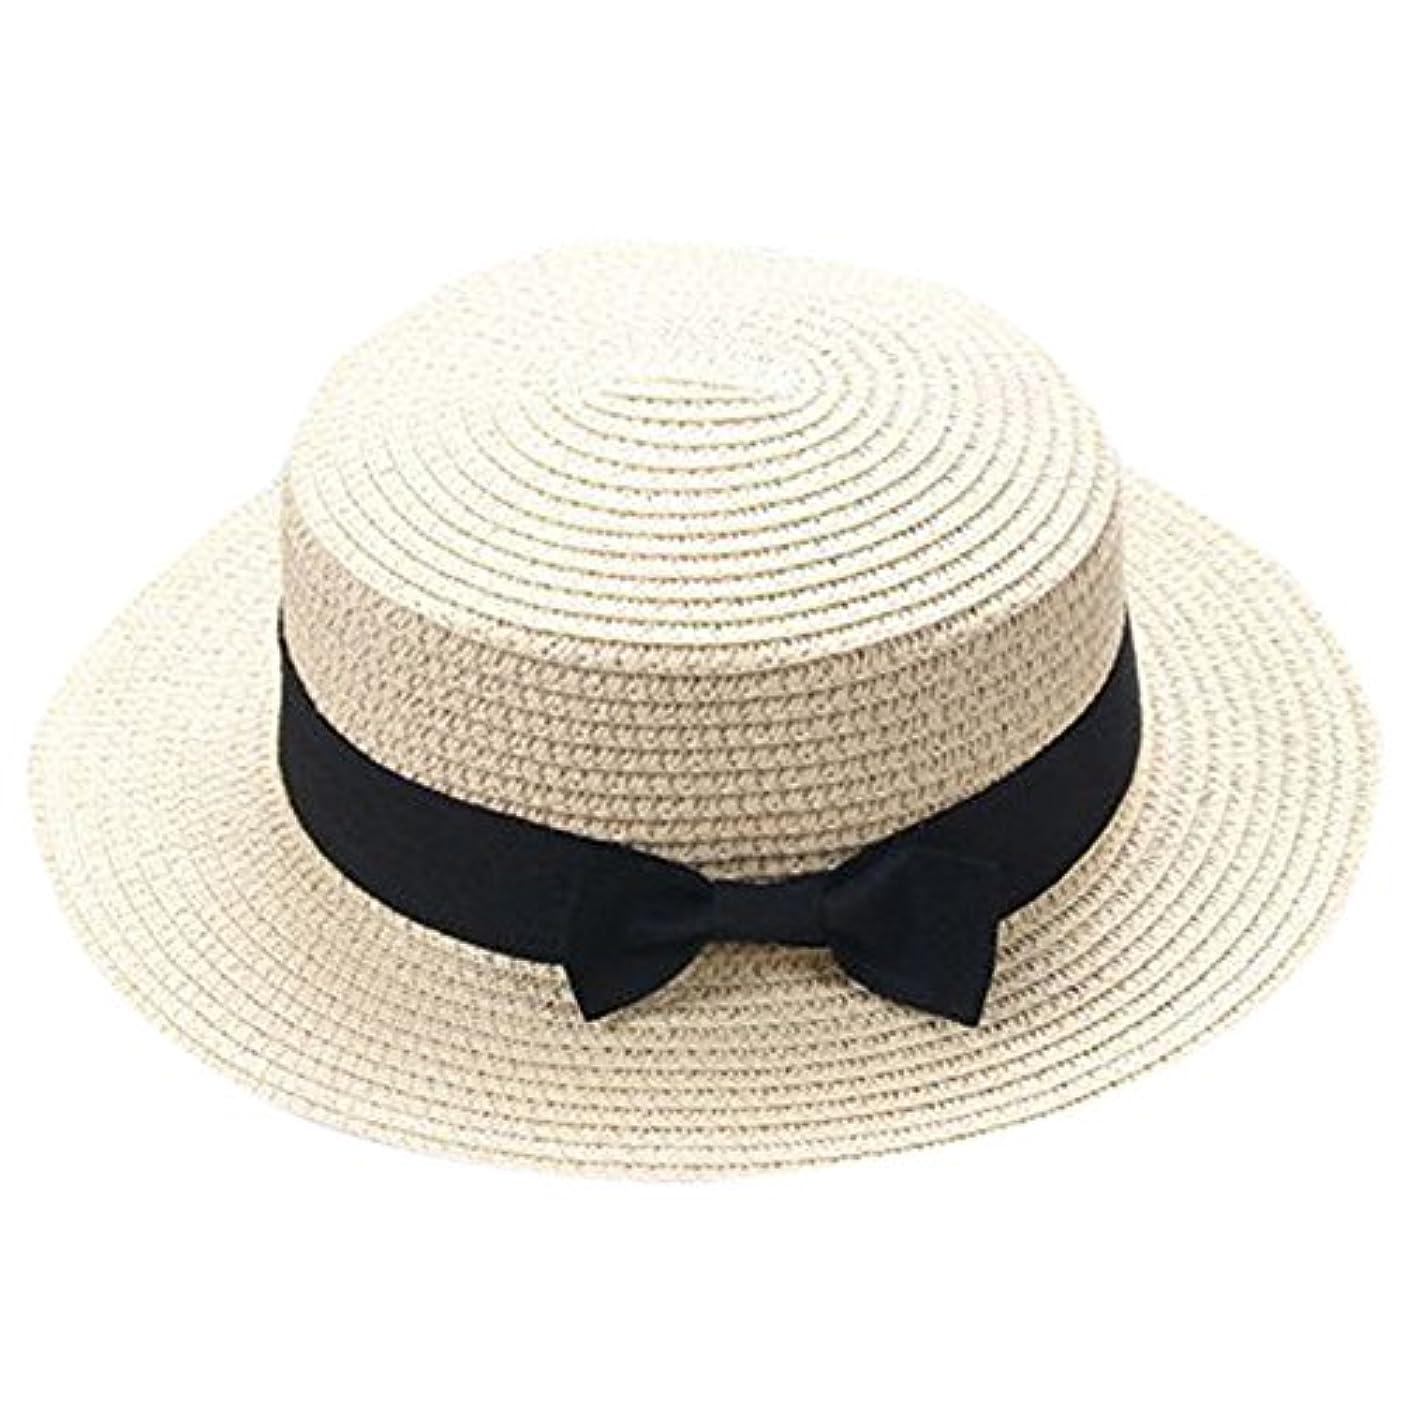 法律により政治無駄なキャップ キッズ 日よけ 帽子 小顔効果抜群 旅行用 日よけ 夏 ビーチ 海辺 かわいい リゾート 紫外線対策 男女兼用 日焼け防止 熱中症予防 取り外すあご紐 つば広 おしゃれ 可愛い 夏 ROSE ROMAN